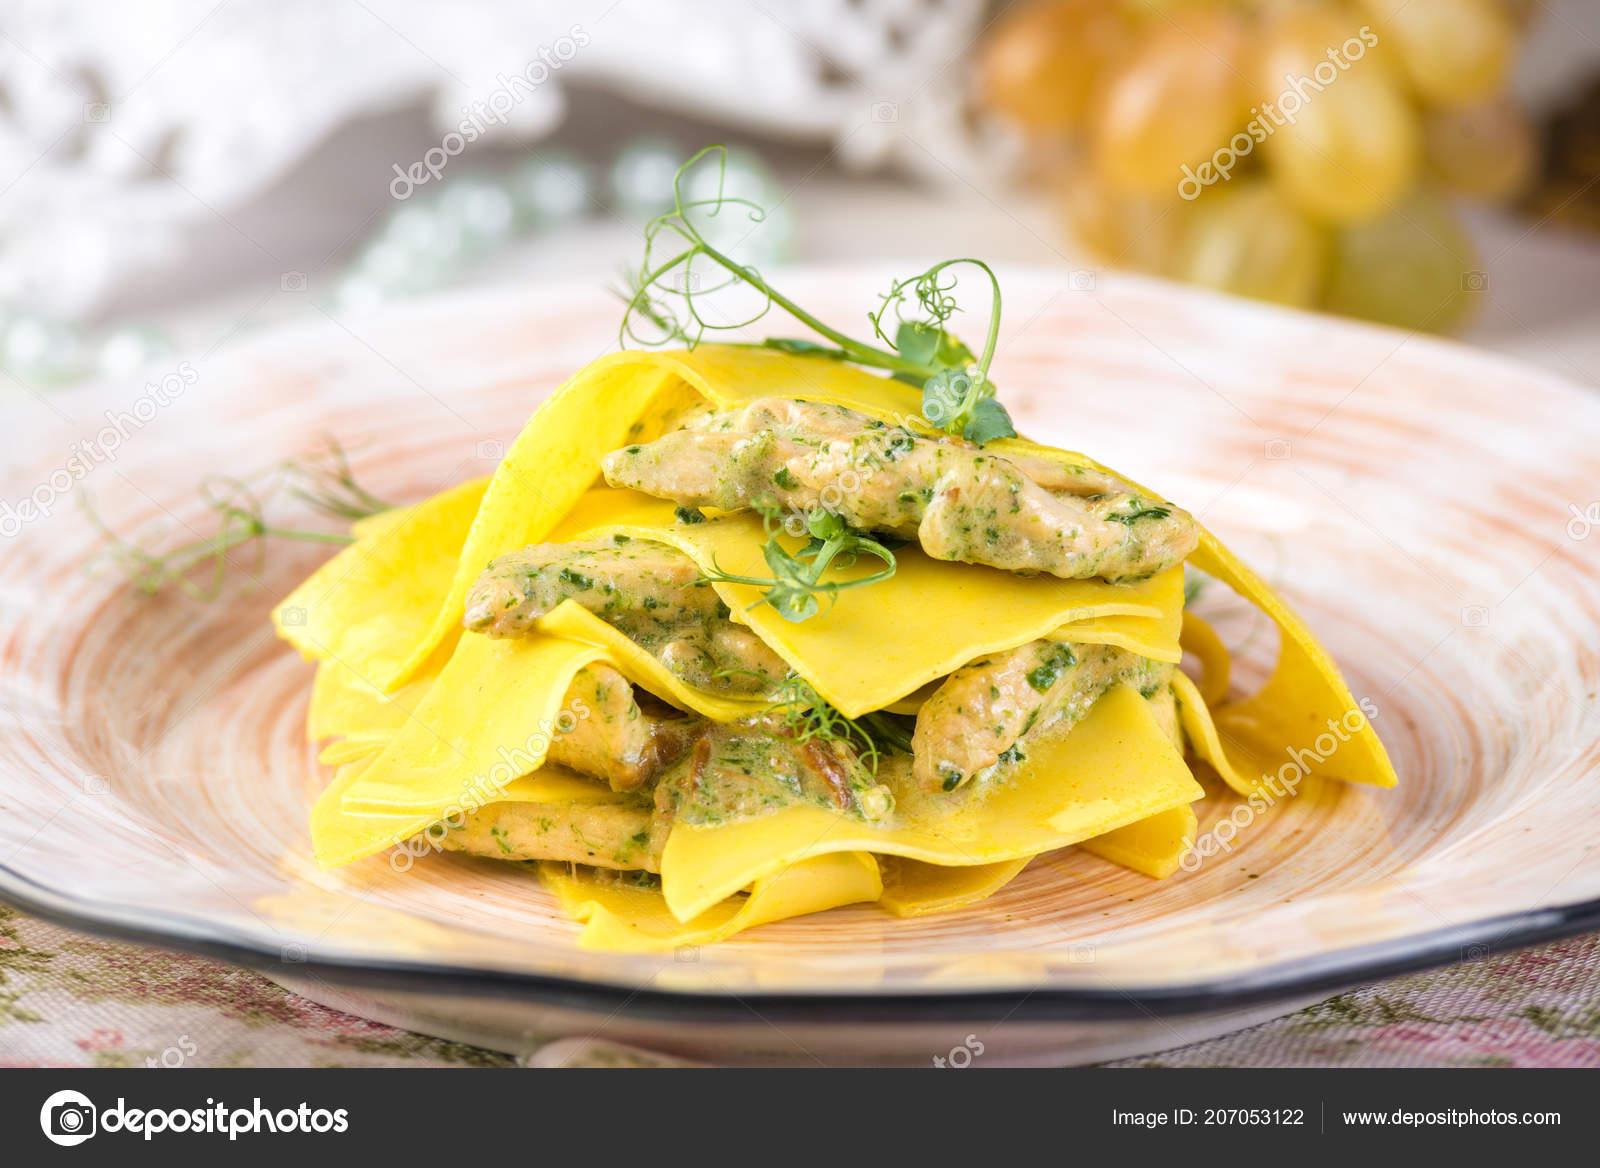 Ricette Cucina Italiana.Ricette Di Cucina Italiana Tradizionale Pasta Maltagliati